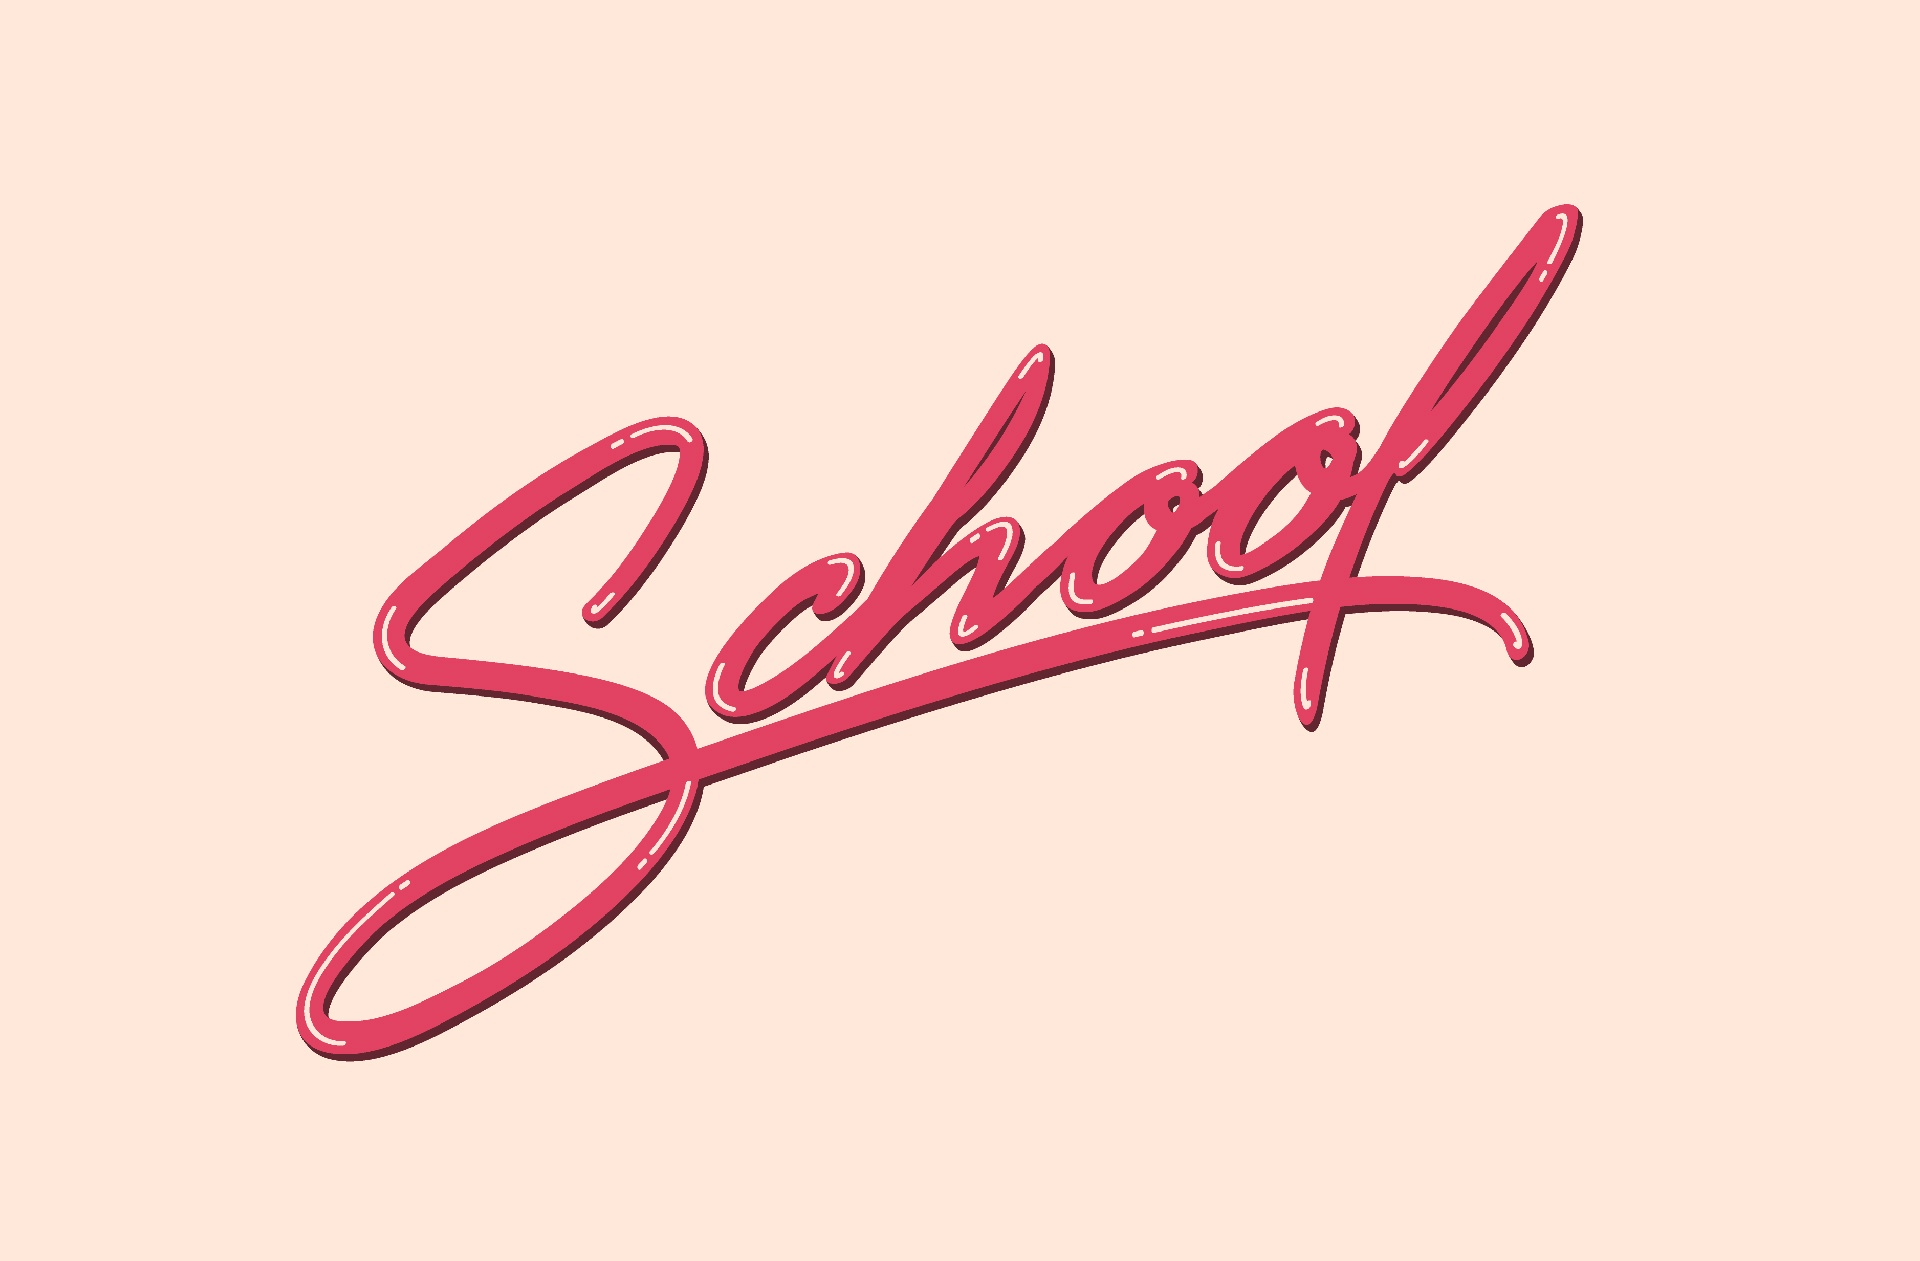 schoolrolling